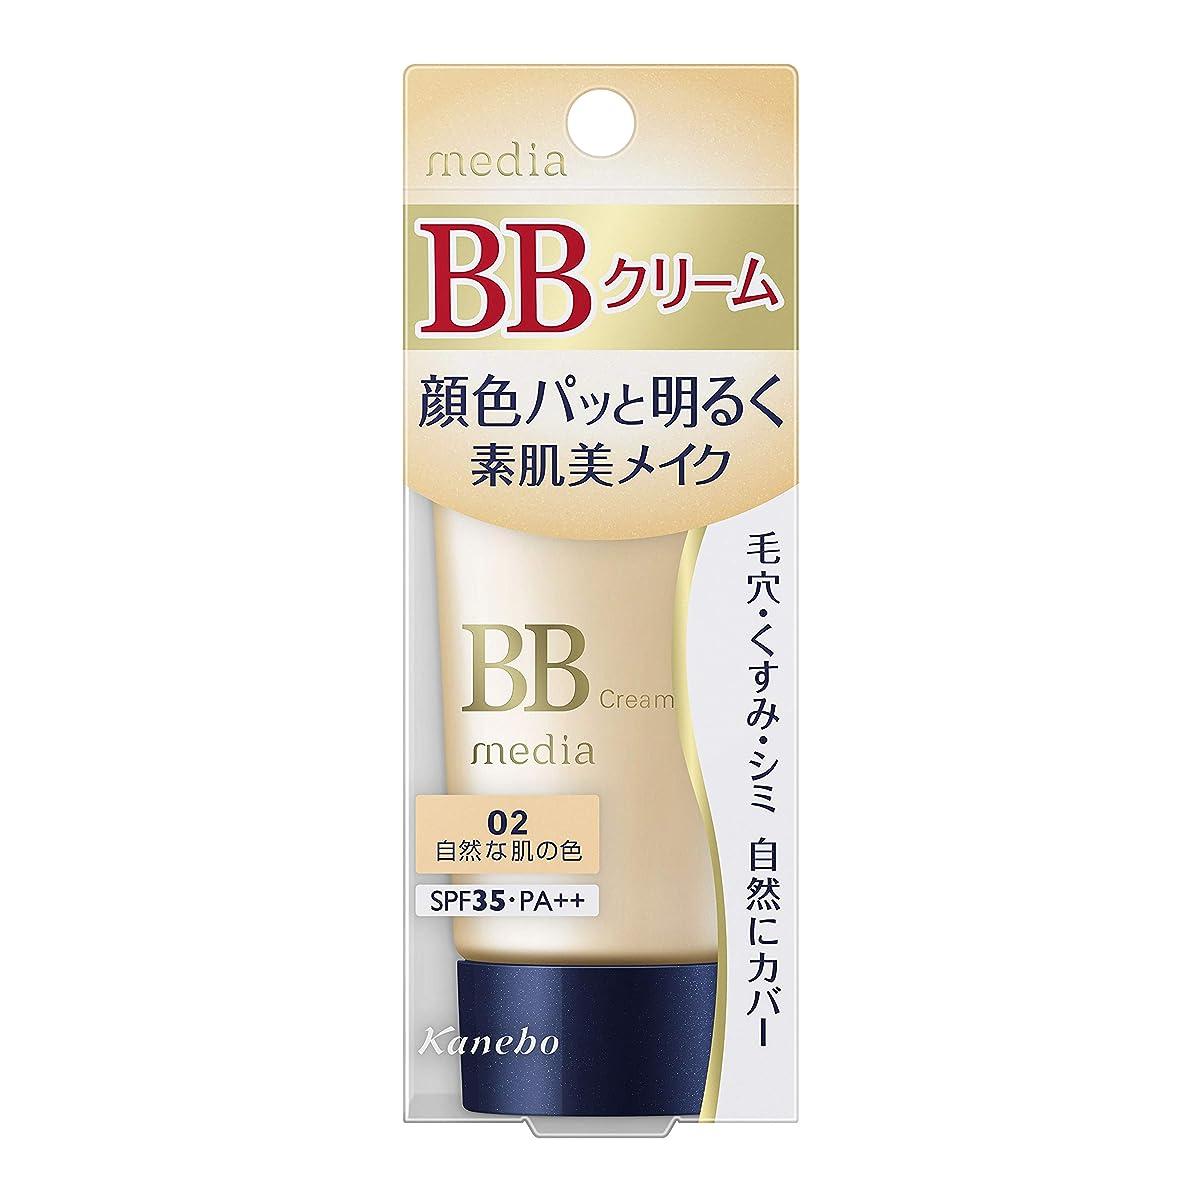 実験室心配する悪魔カネボウ化粧品 メディア BBクリームS 02 35g